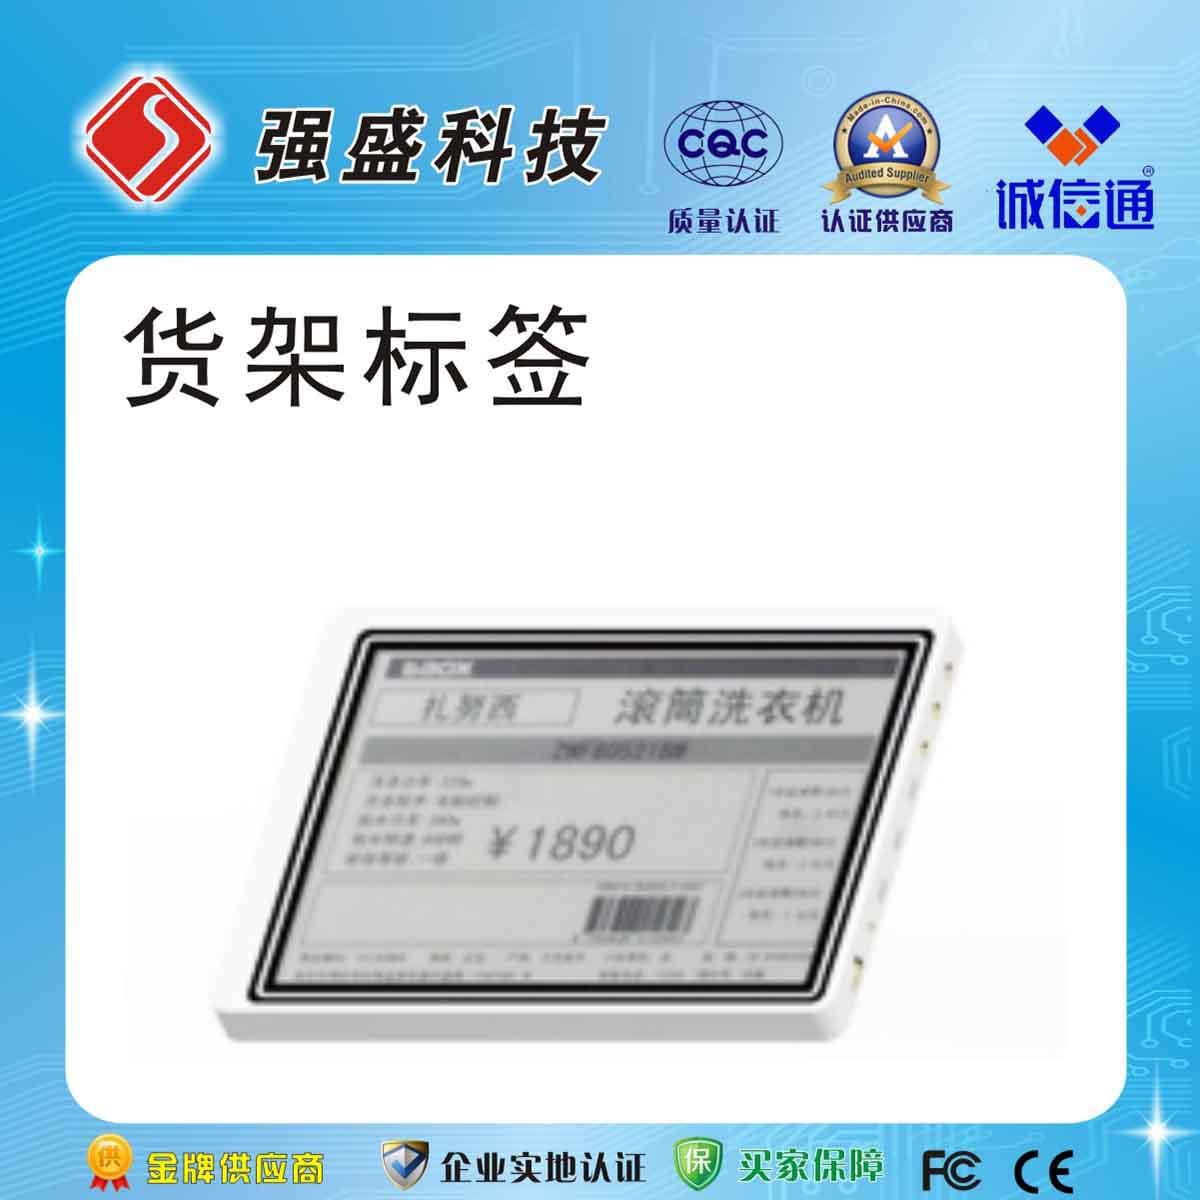 供应rfid仓库称重6寸esl电子标签货物信息标识电子标签